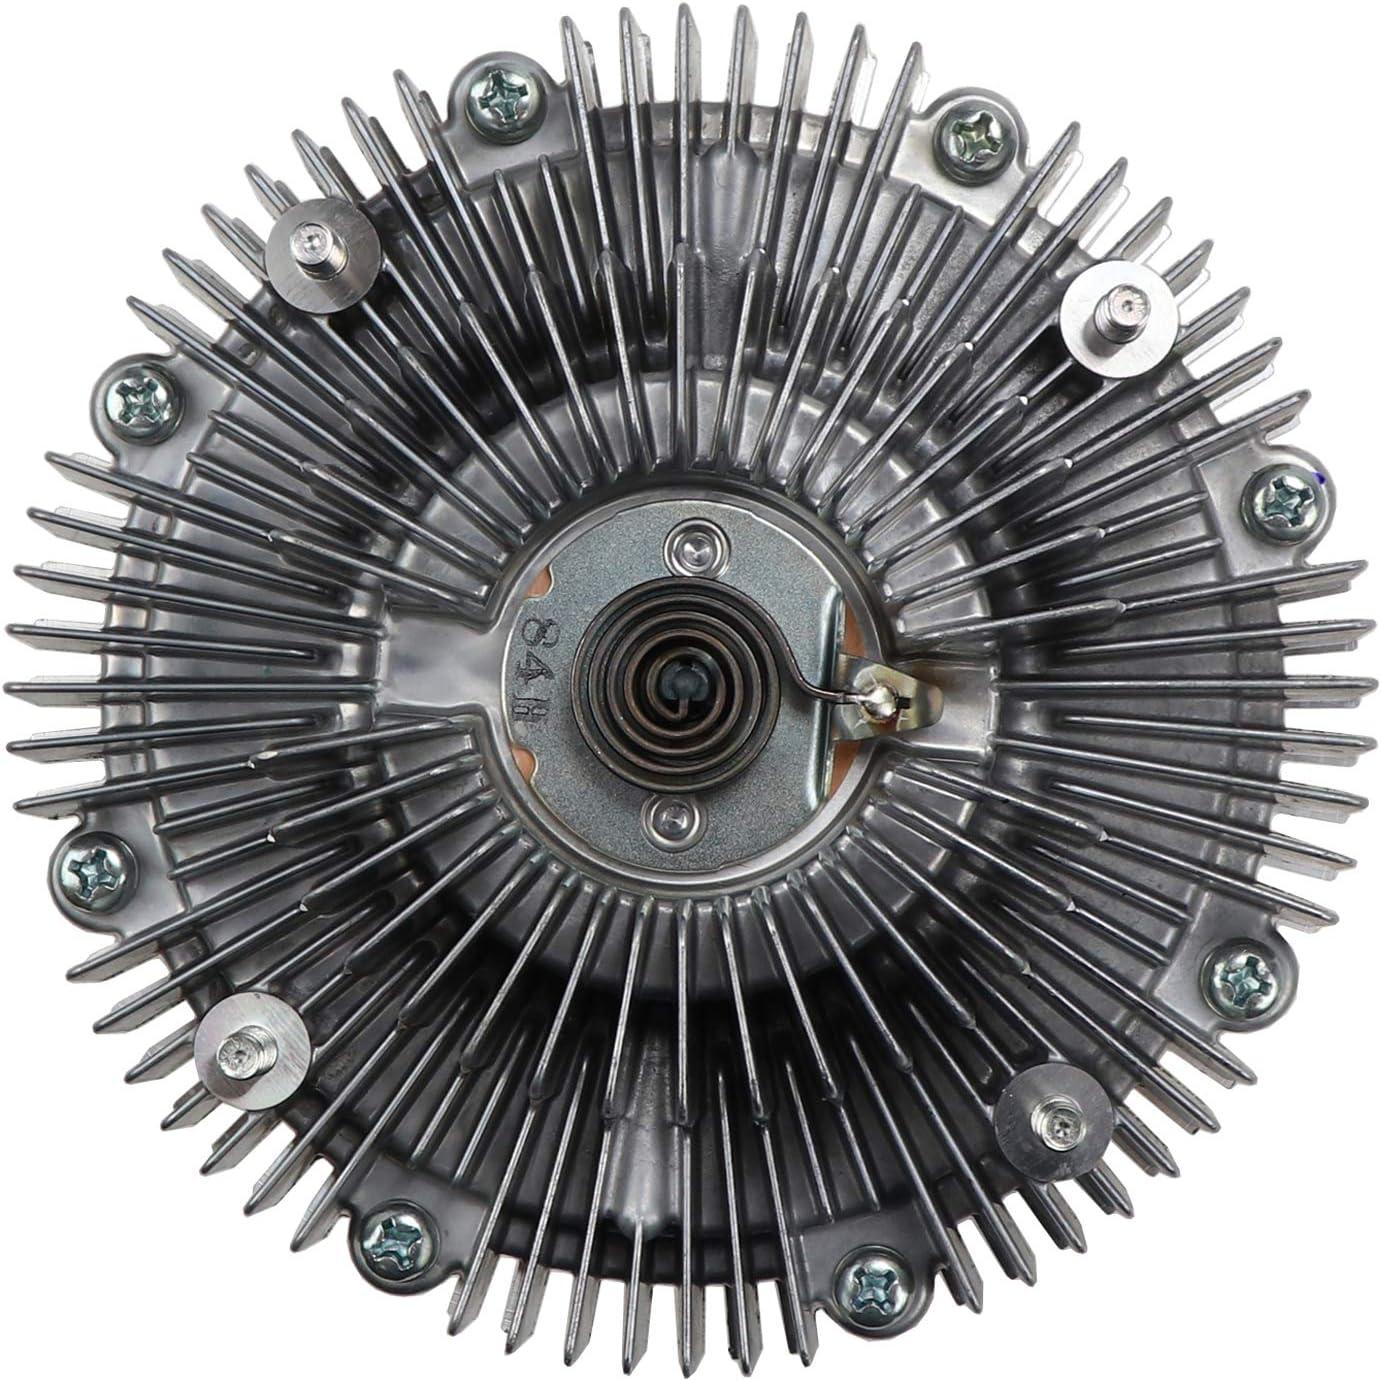 BECKX 1300228 Cooling BECKARNLEY